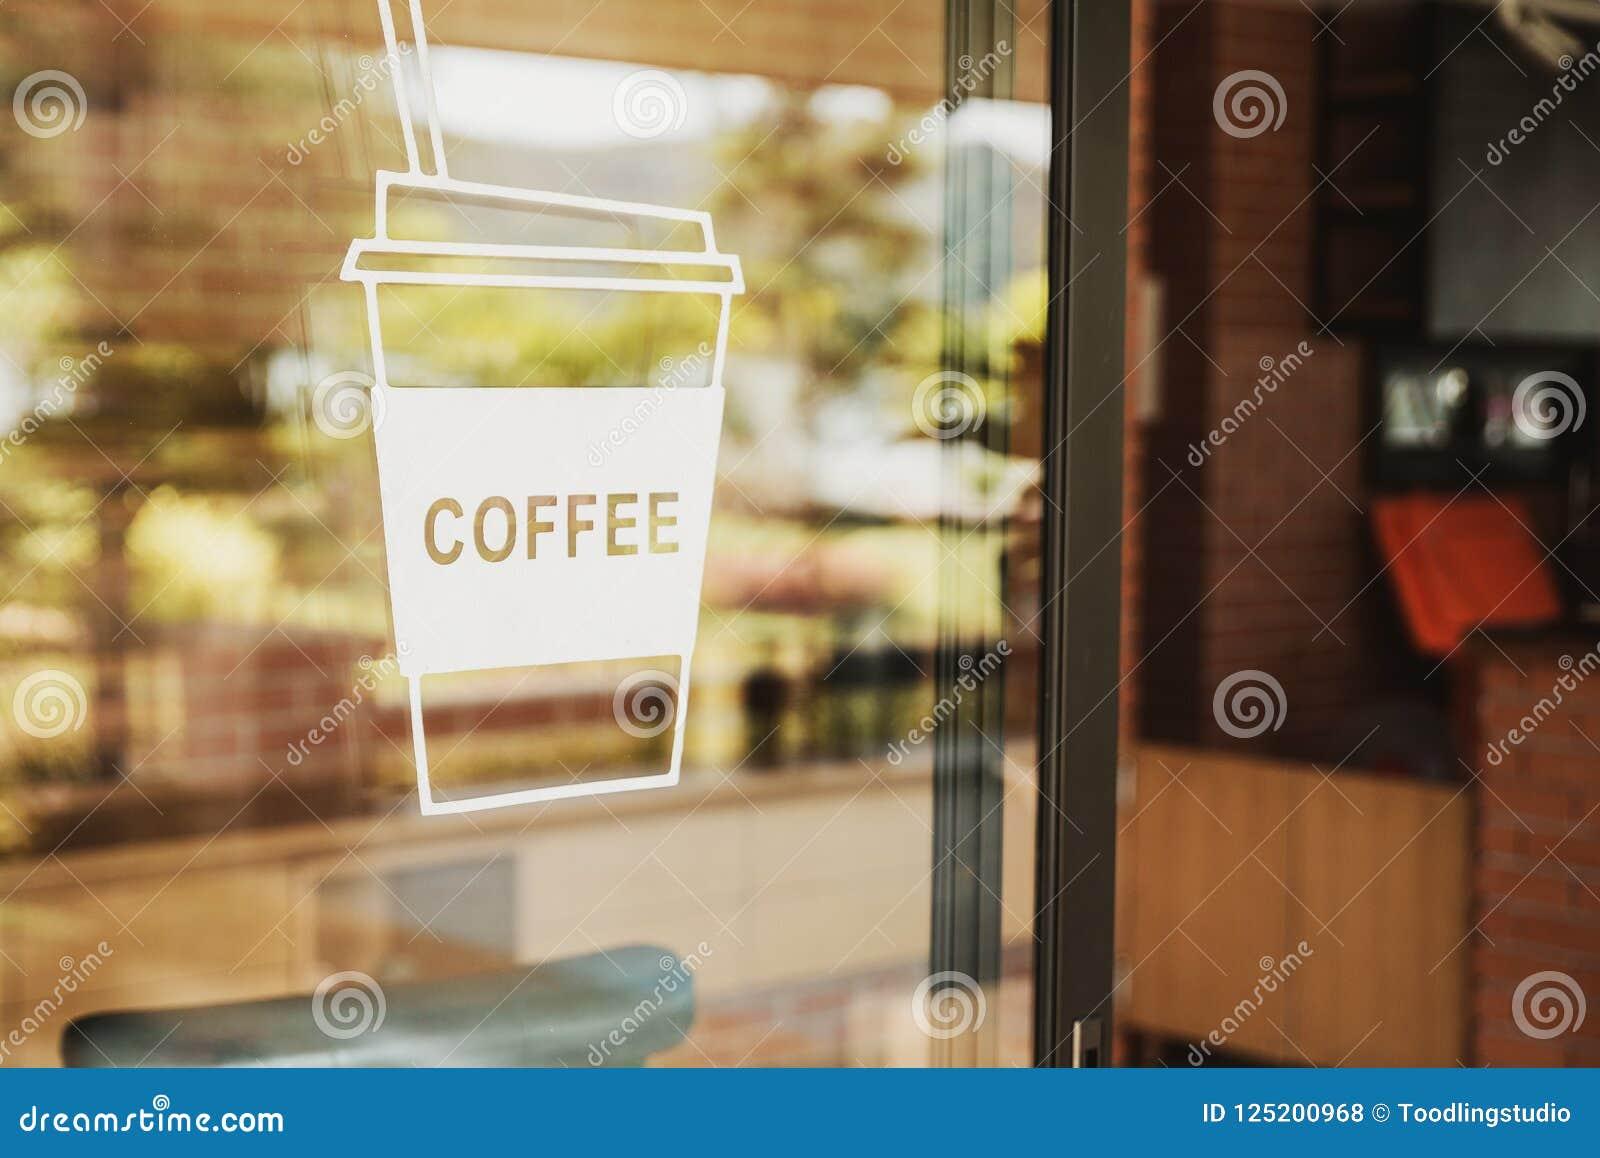 在玻璃门的豪华咖啡店标志 对于艺术纹理或我们